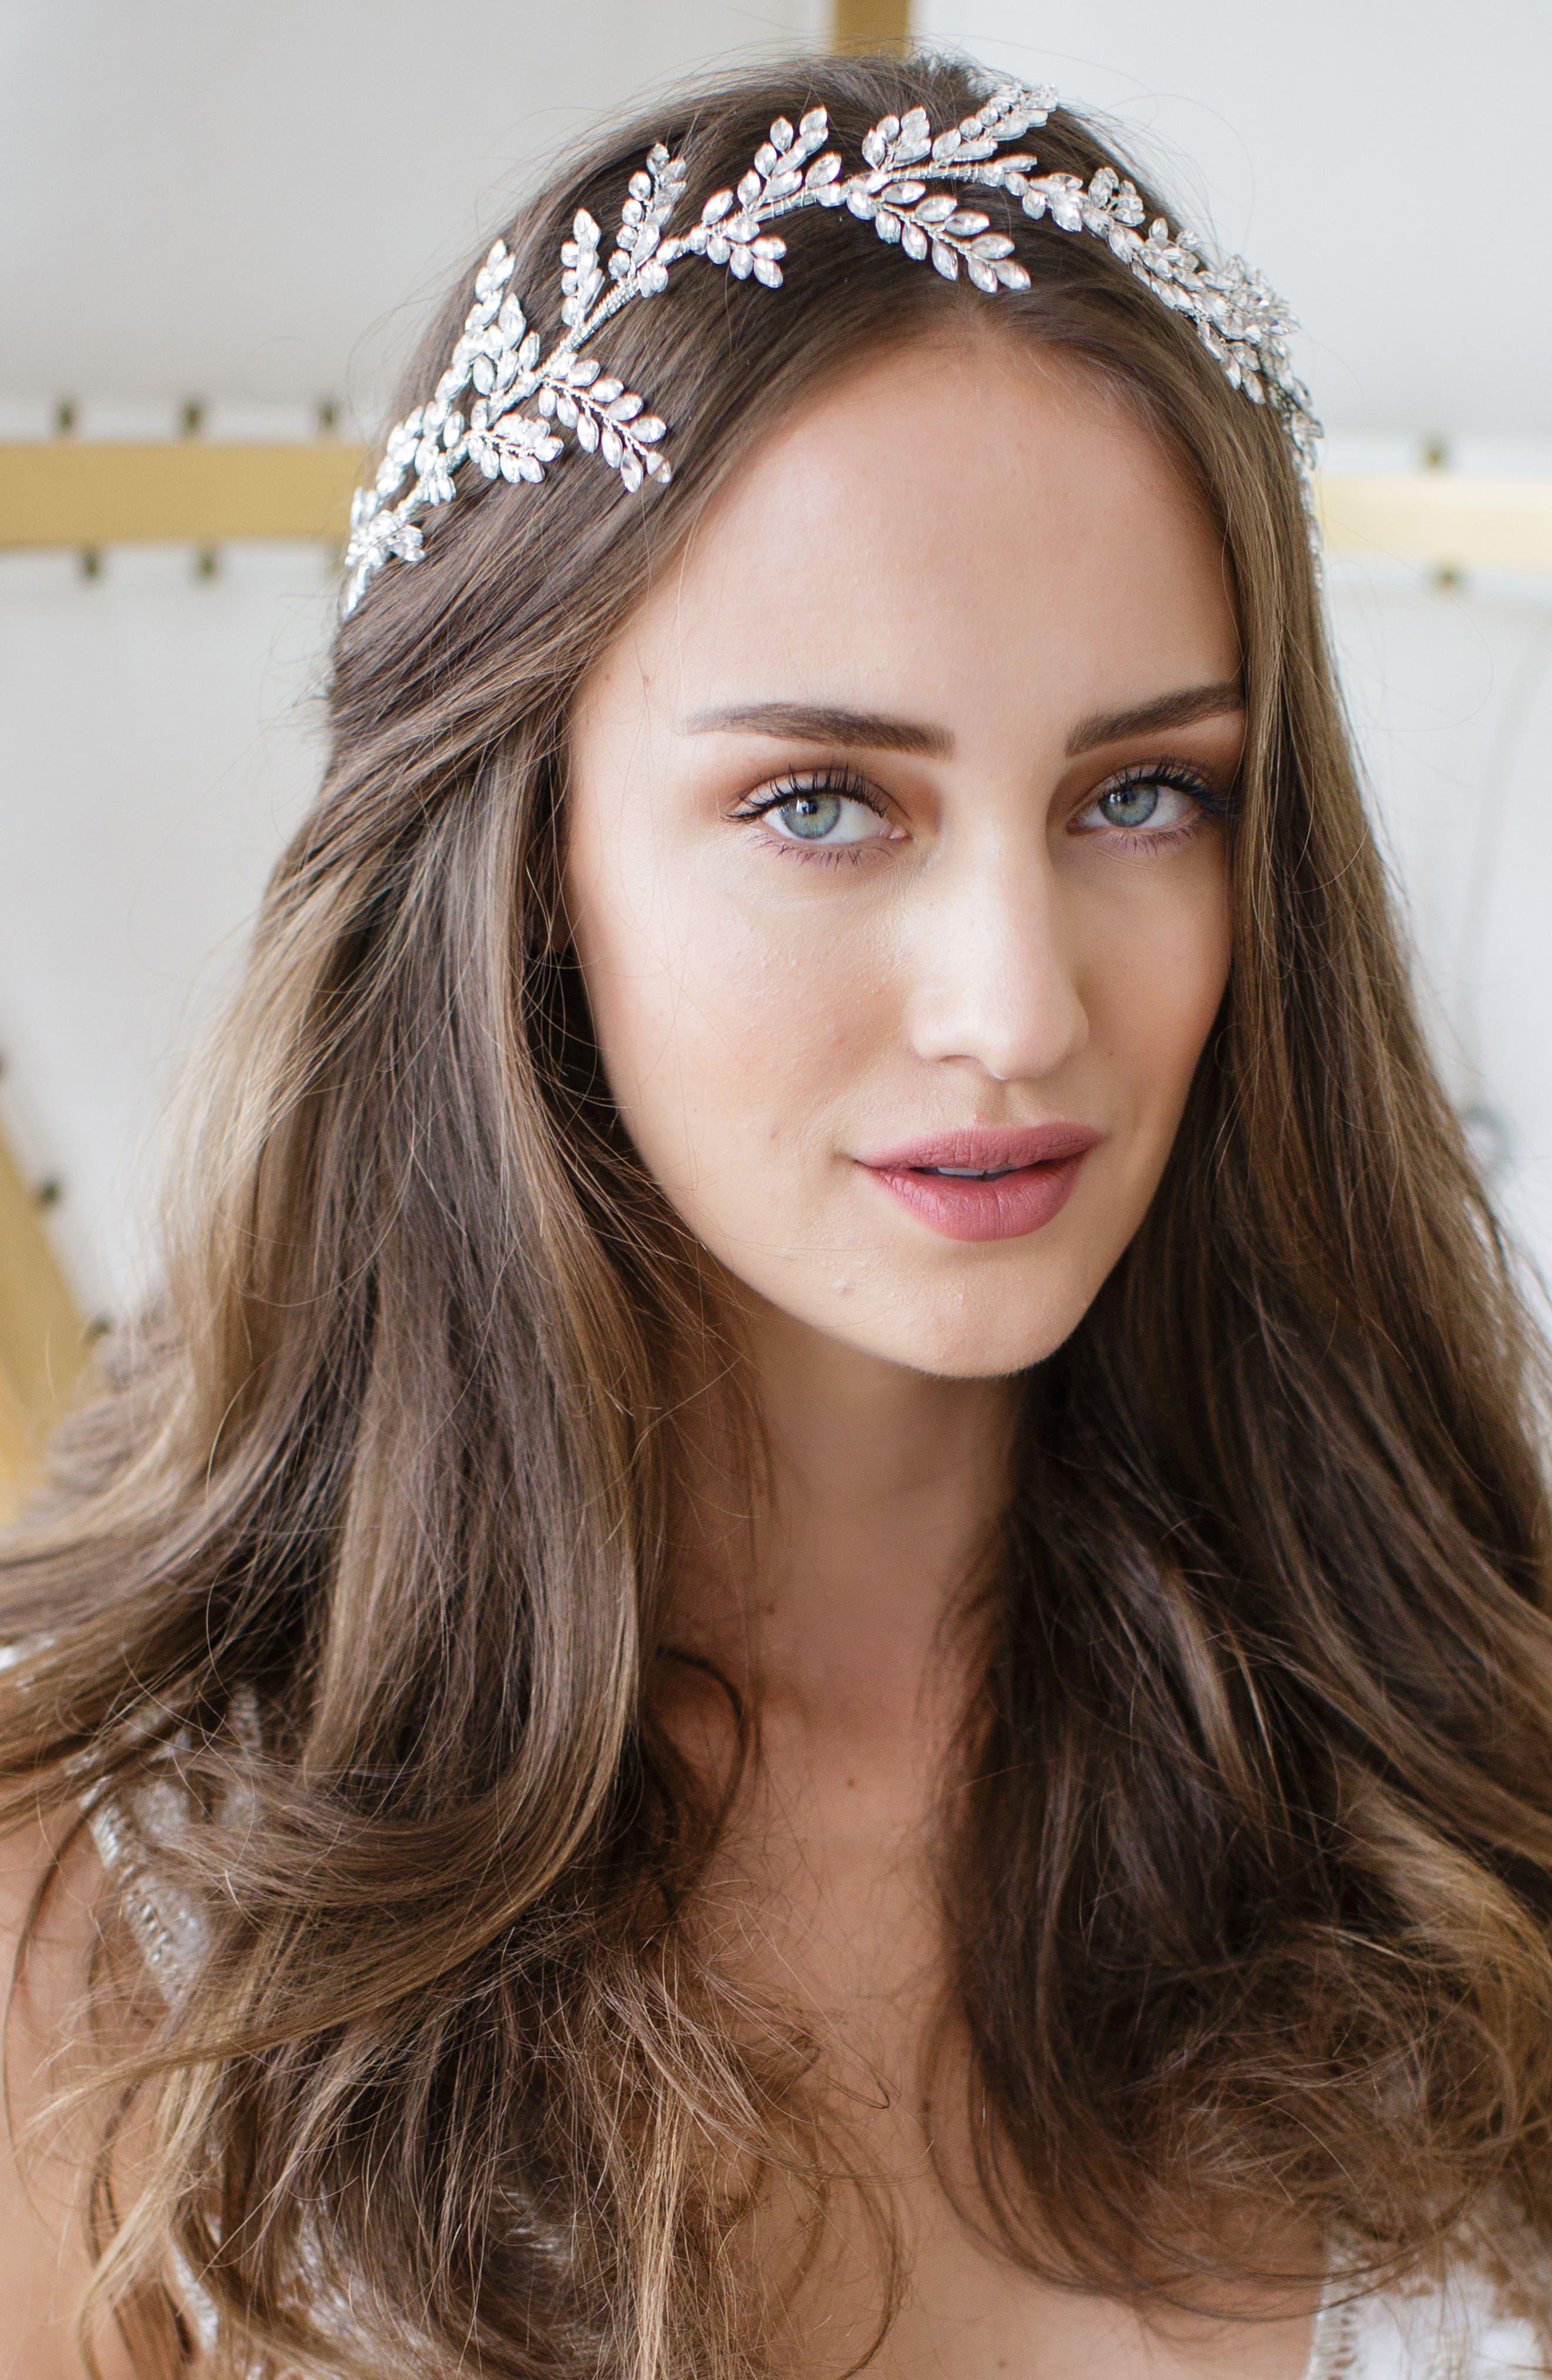 Alternate Image 1 Selected - Brides & Hairpins Kira Crystal Halo & Sash